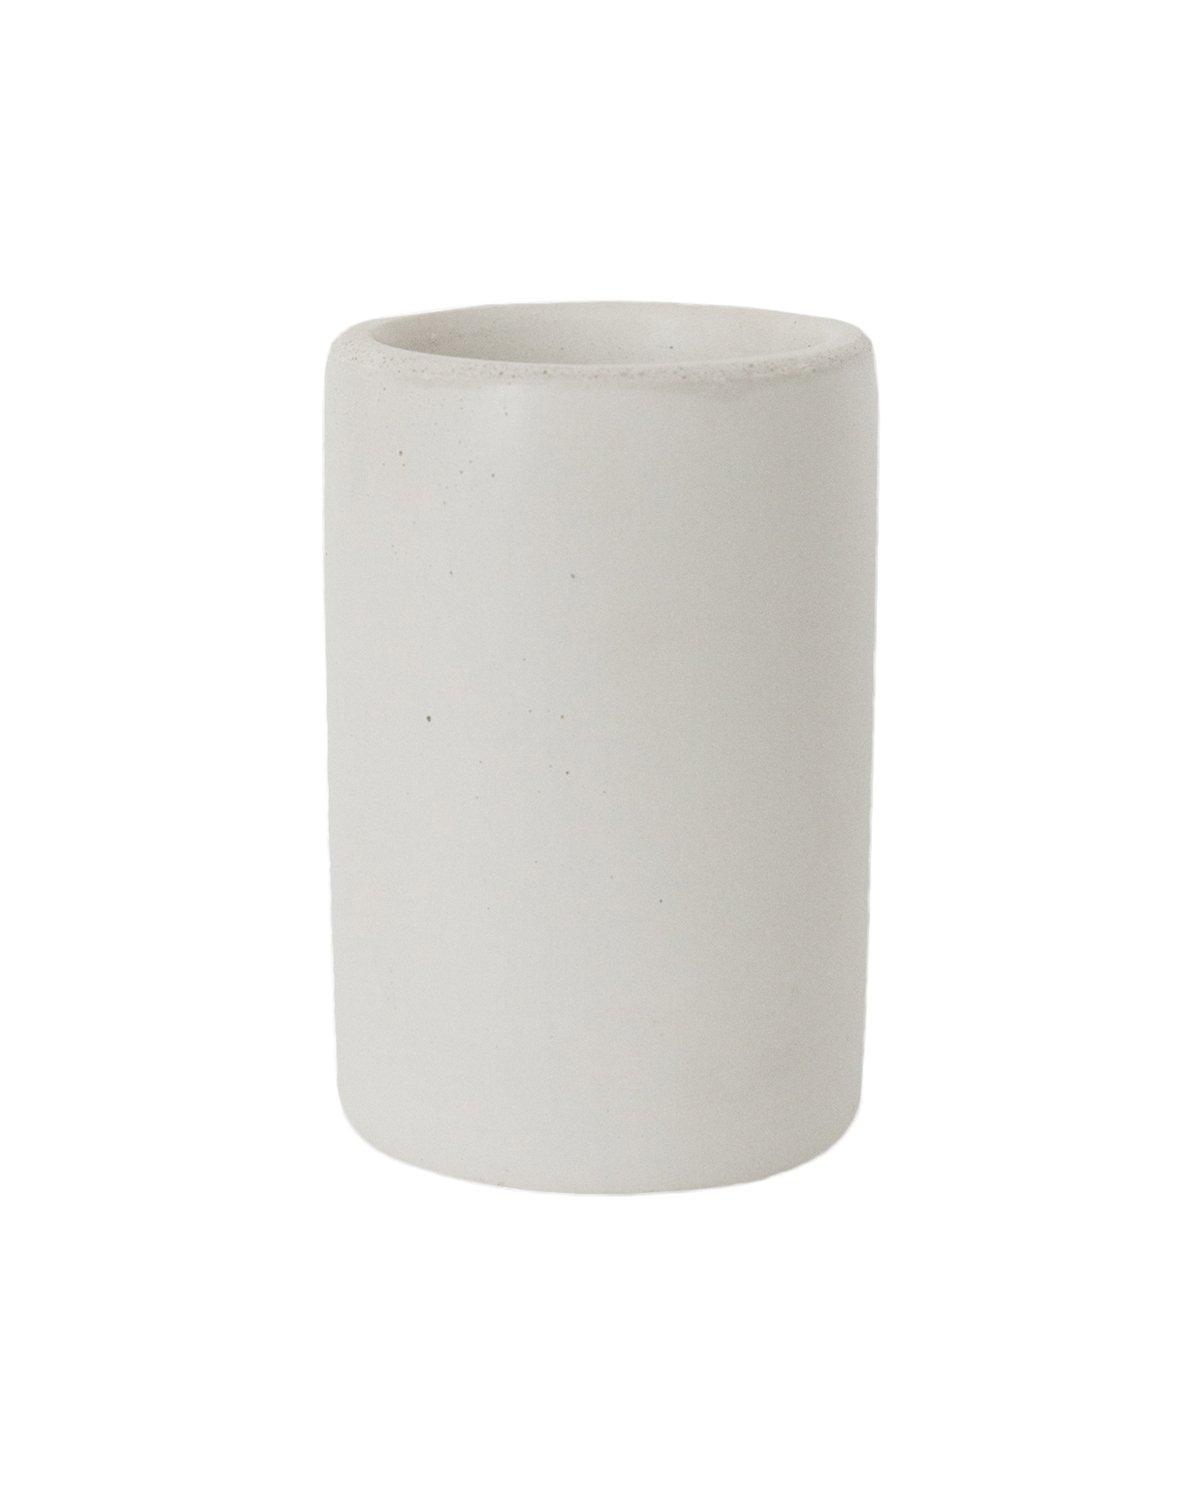 Concrete_Utensil_Holder2_6ec028ba-404d-48f6-b0ac-f96510d64ee9.jpg